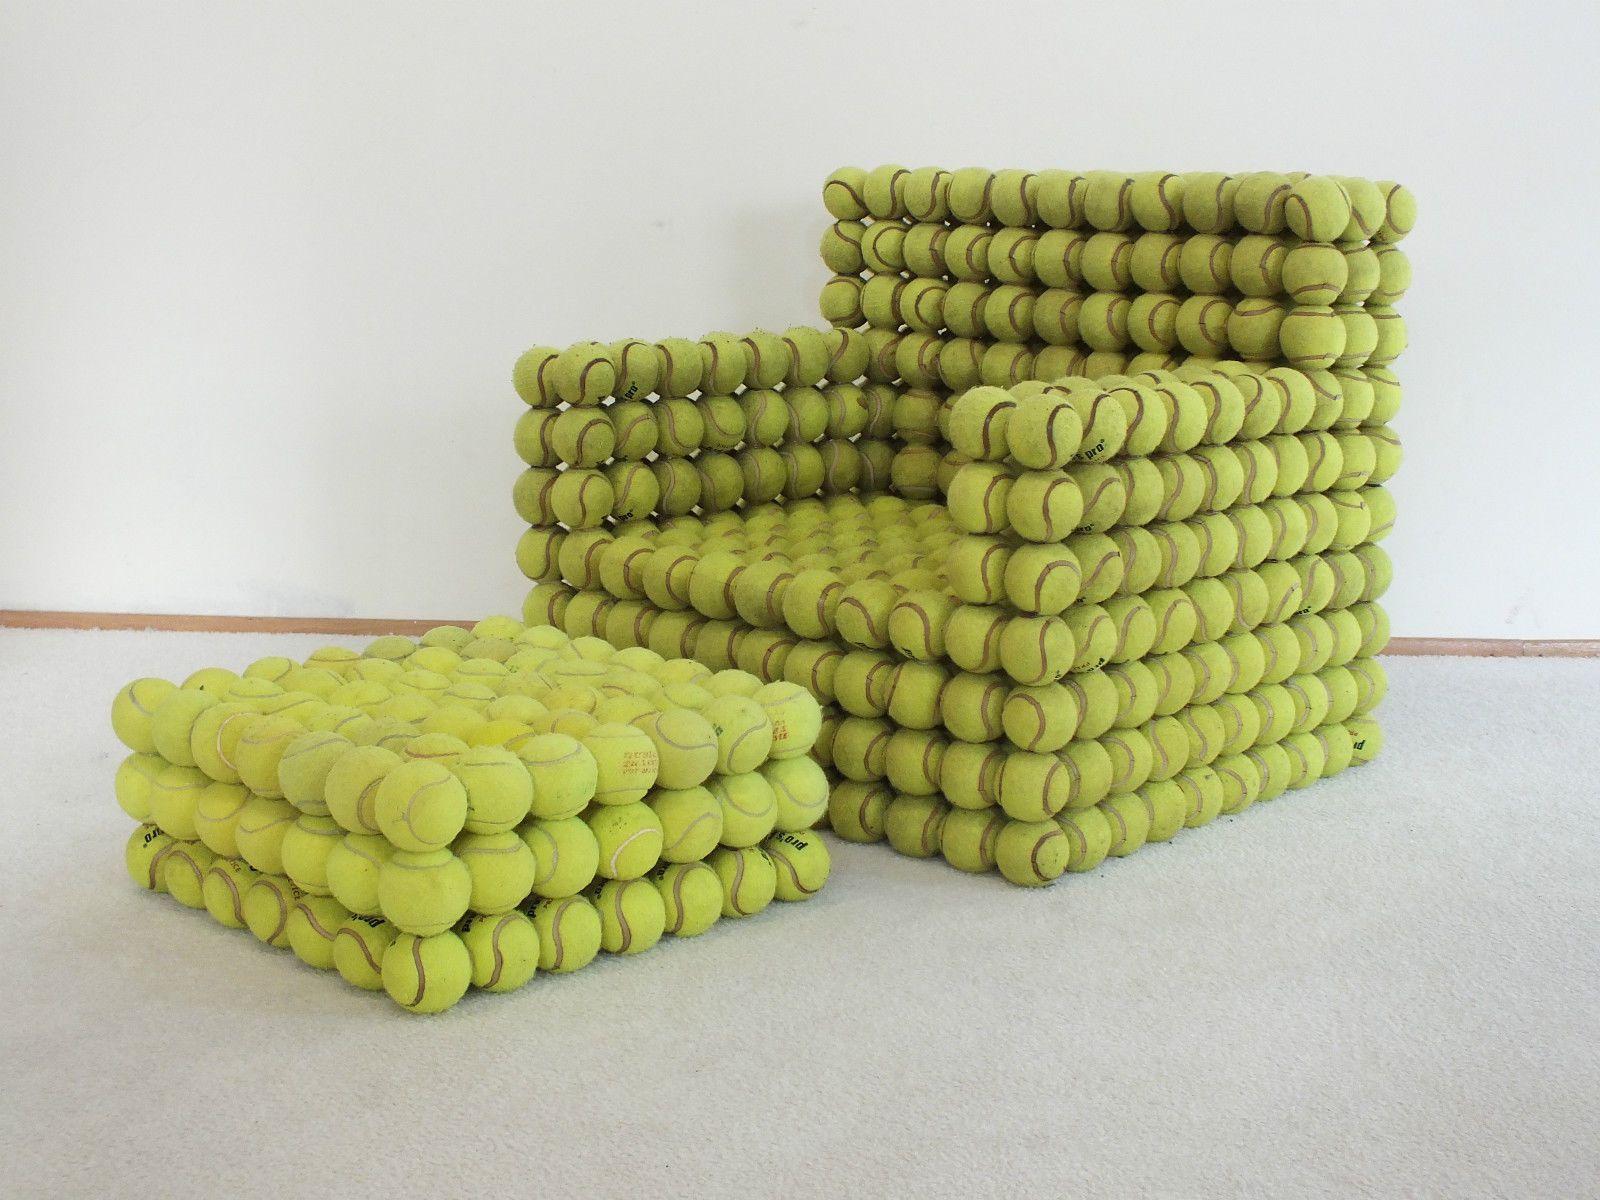 Designer Highlight Tennisball Chair Sessel Mit Hocker Rarität Einzelstück |  EBay